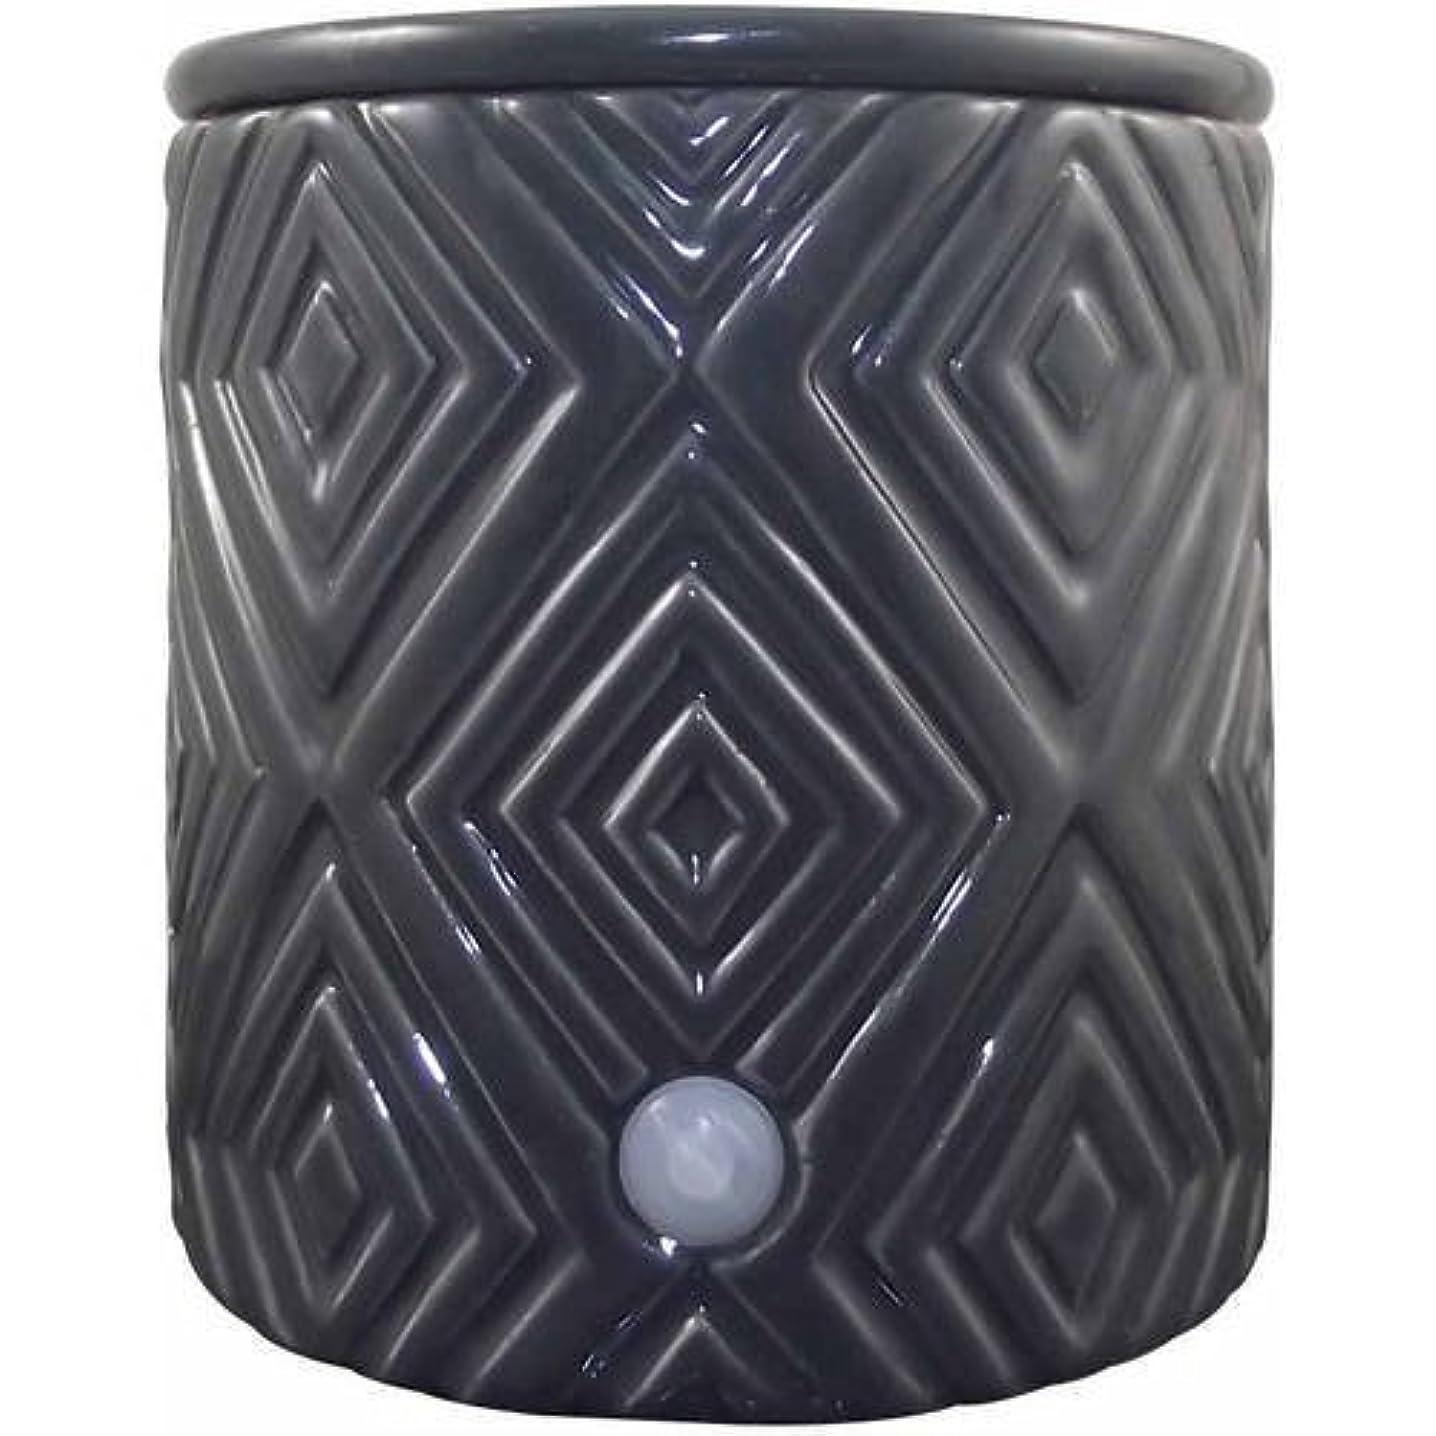 成り立つ添加ニンニクElectric Wax Warmer – Use to Melt Scented Candleキューブ – グリーン装飾 – アロマセラピーAcessory – Fill Yourホームwith Fragrance by...